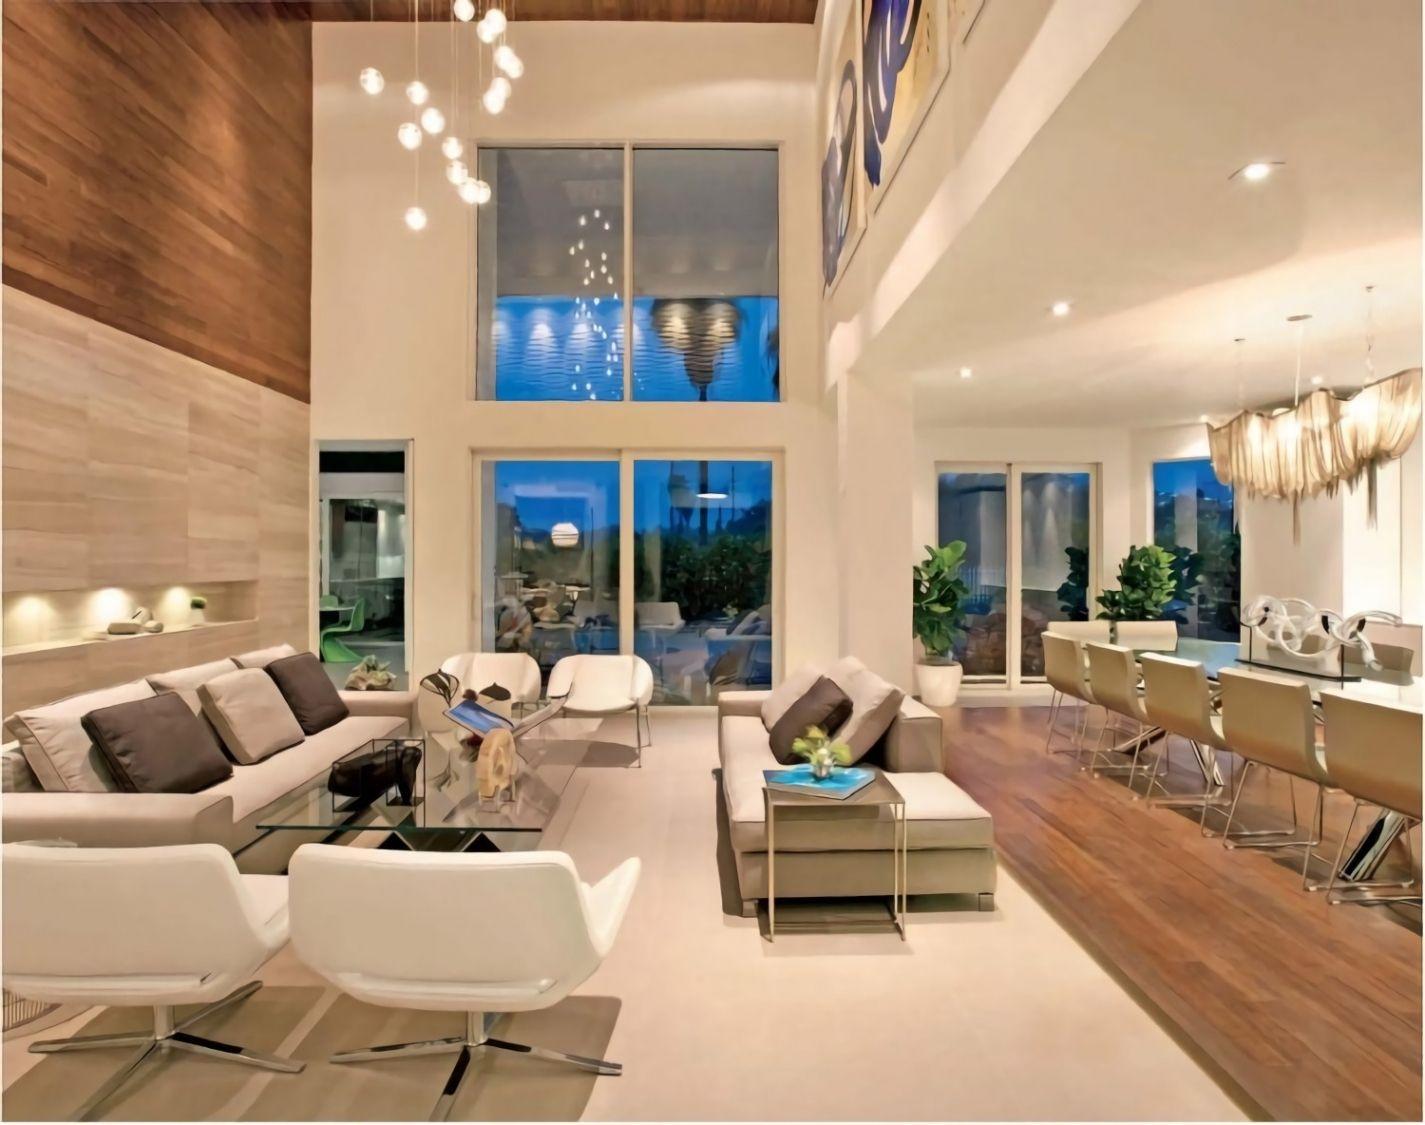 Bezaubernd Wohnzimmer Bilder Modern Beste Wahl Einzigartig Groß